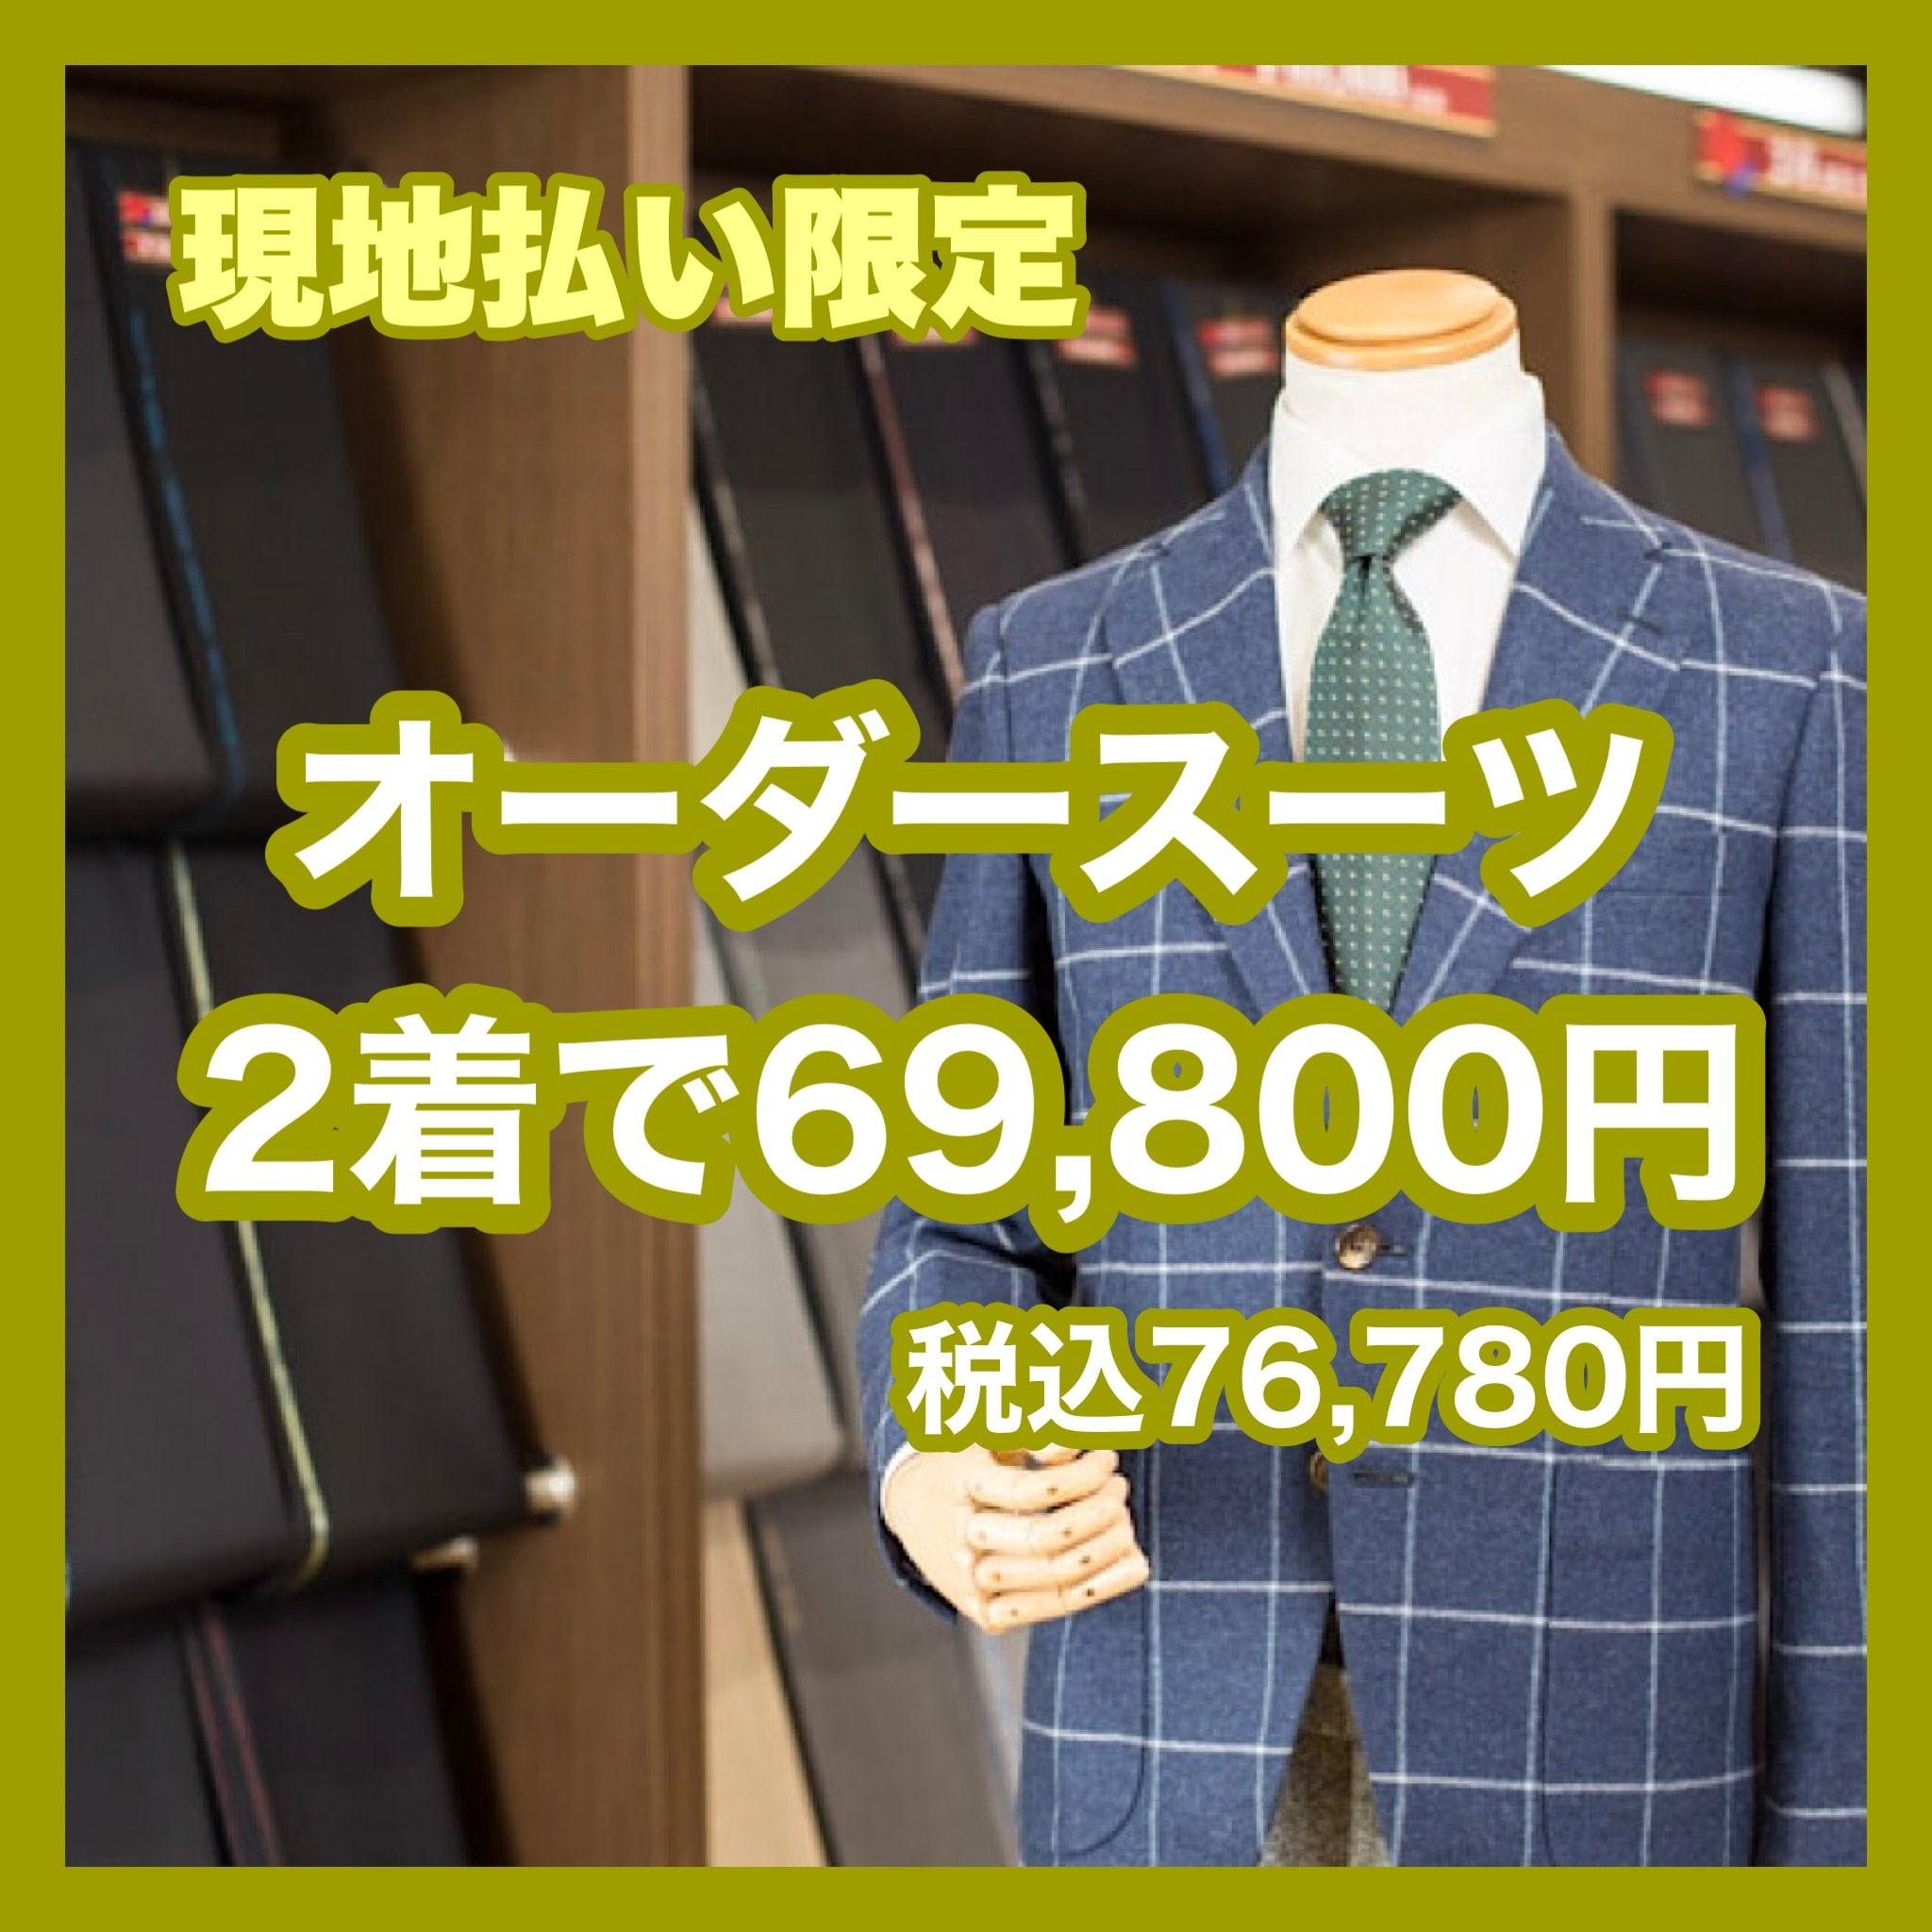 現地払い専用オーダースーツ2着69,800円(税込76,780円)のイメージその1